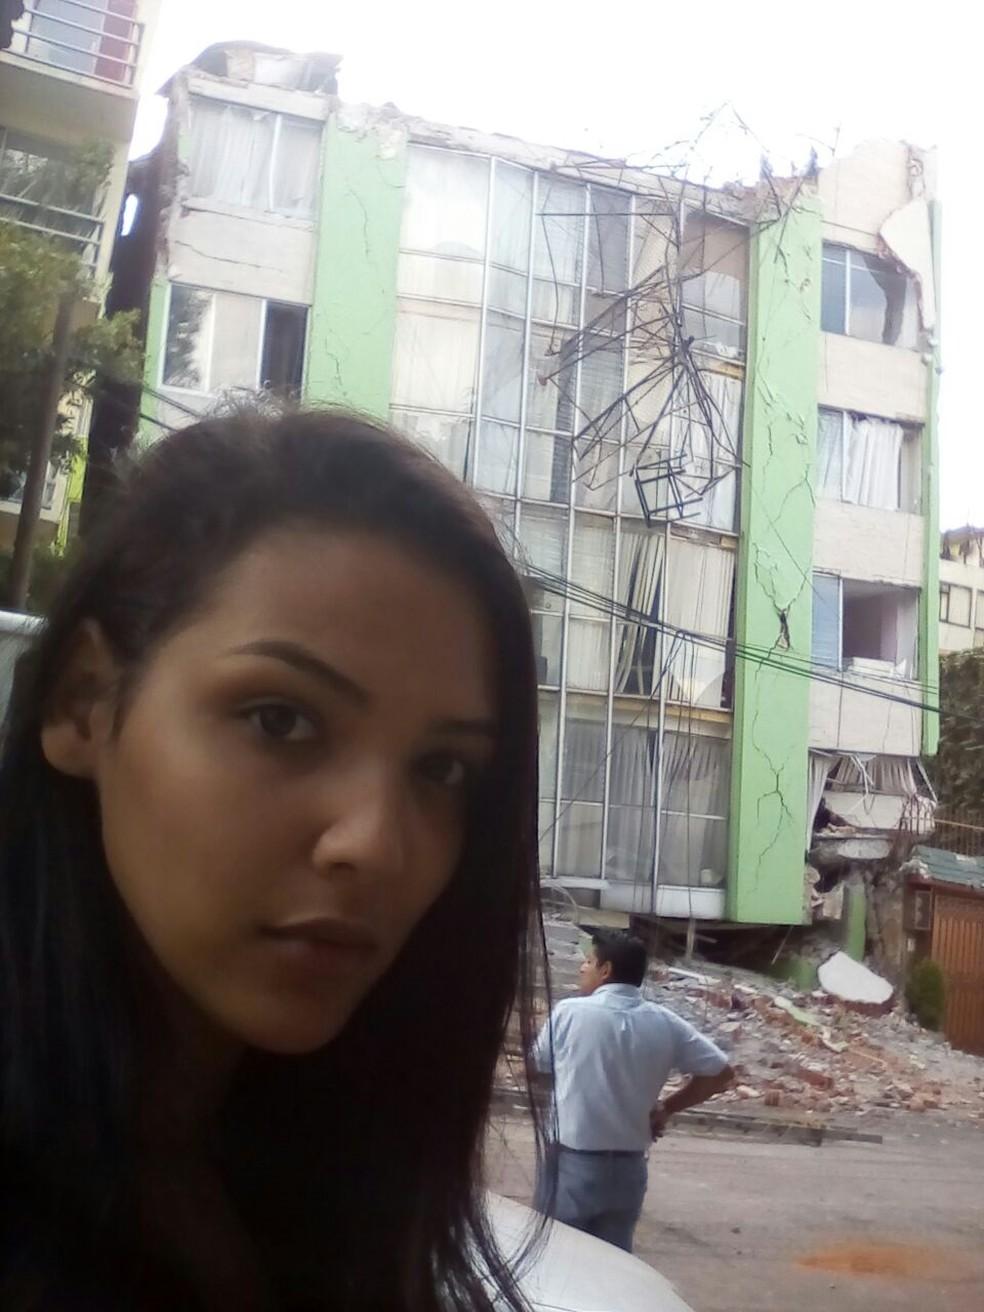 Lisandra Mendes mora na capital mexicana há 10 meses; na foto, parte de um prédio que ficou destruído pelo terremoto (Foto: Arquivo pessoal)